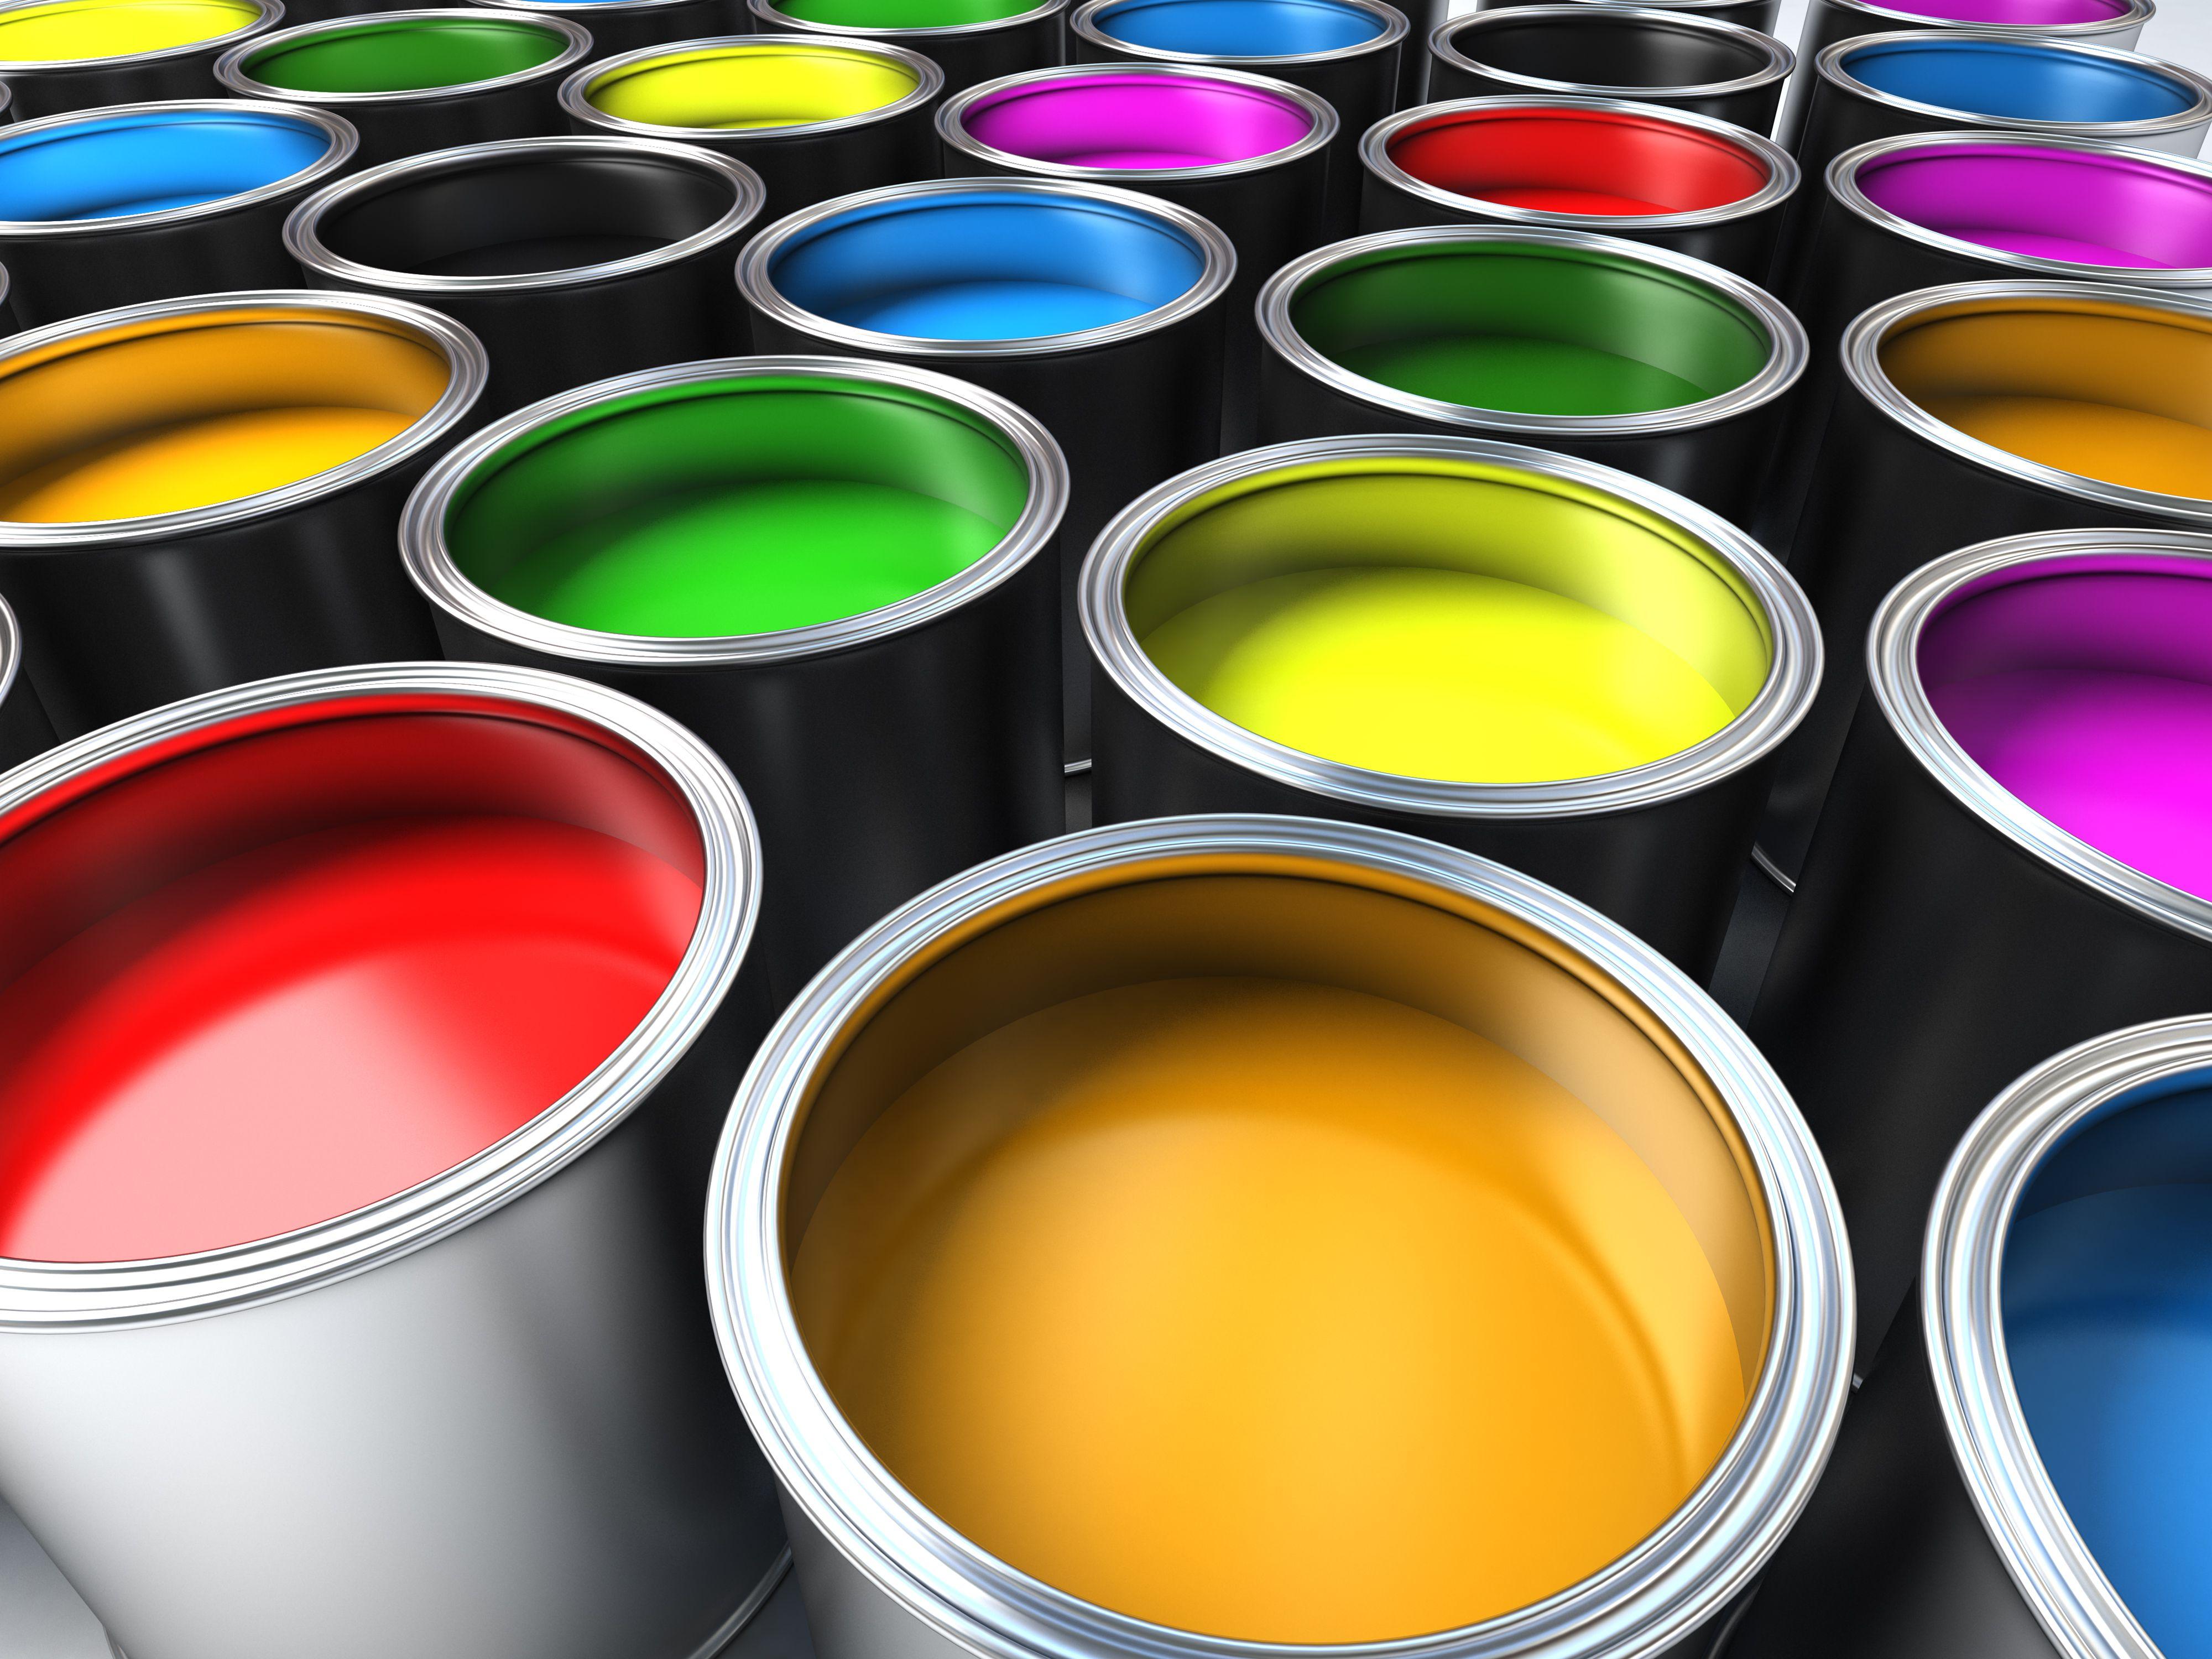 Pintura: Servicios de Limpiezas y Pinturas  Karkach